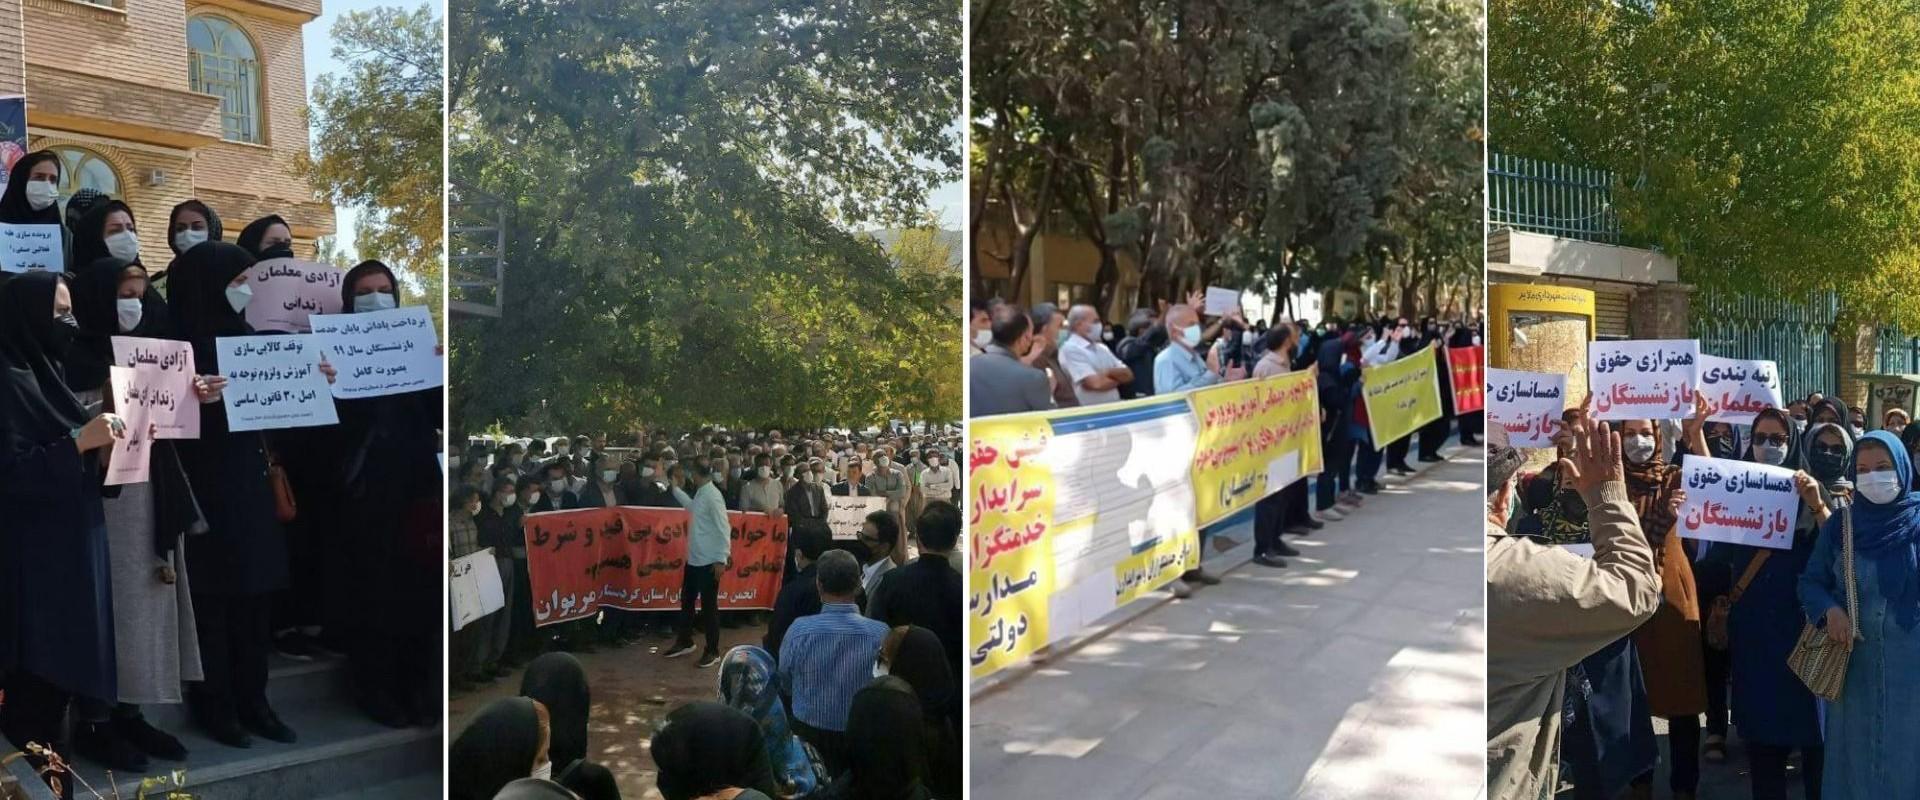 اعتراضات معلمان در ۴۵ شهر (۲۵ استان)